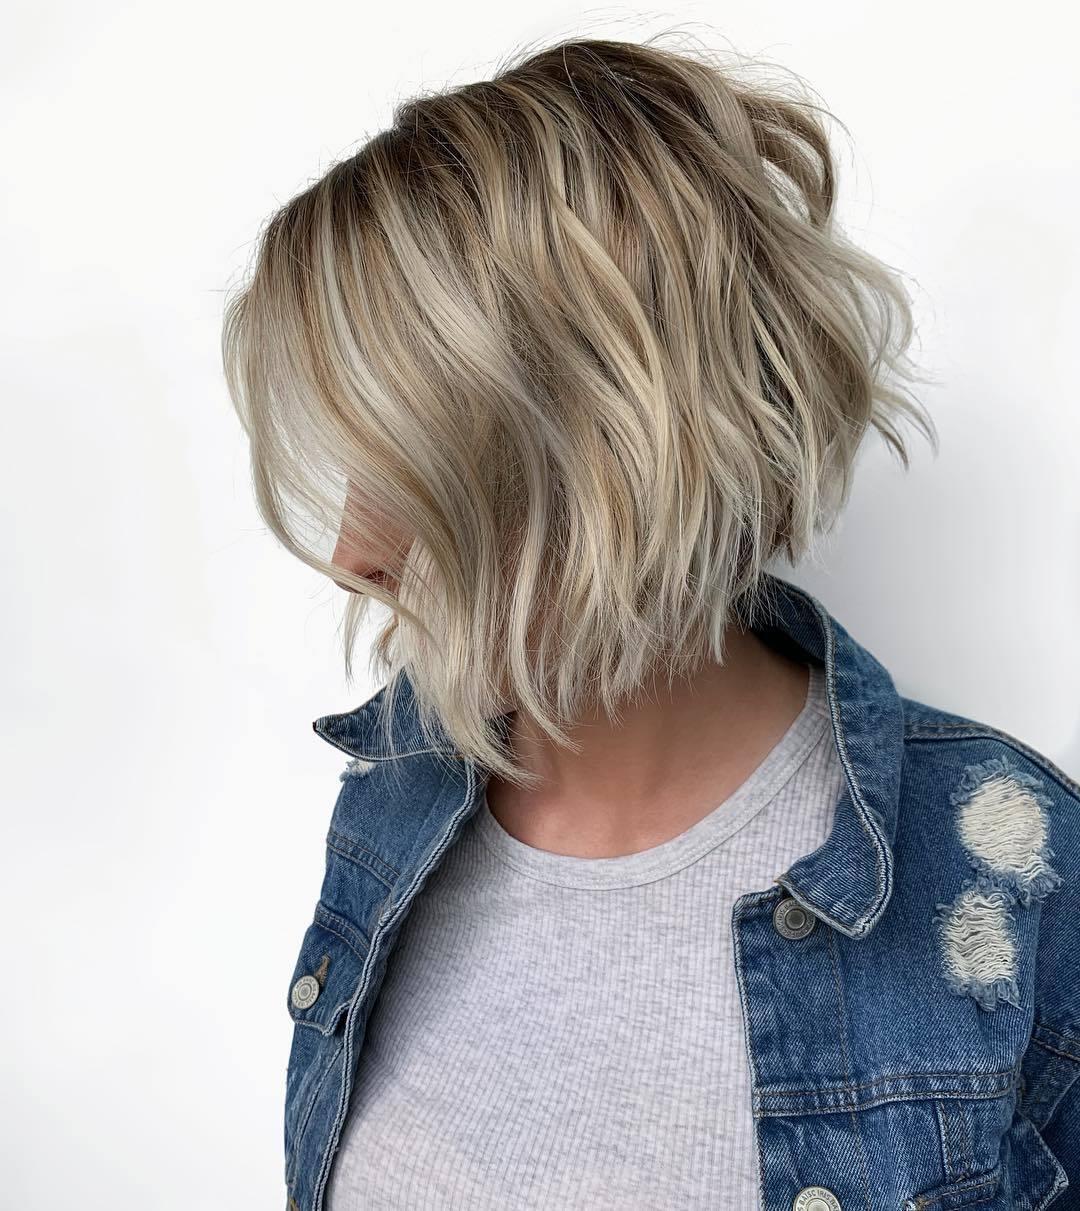 Femme au bob gradué ondulé d'un blond cendré, portant un top gris et un denim en studio